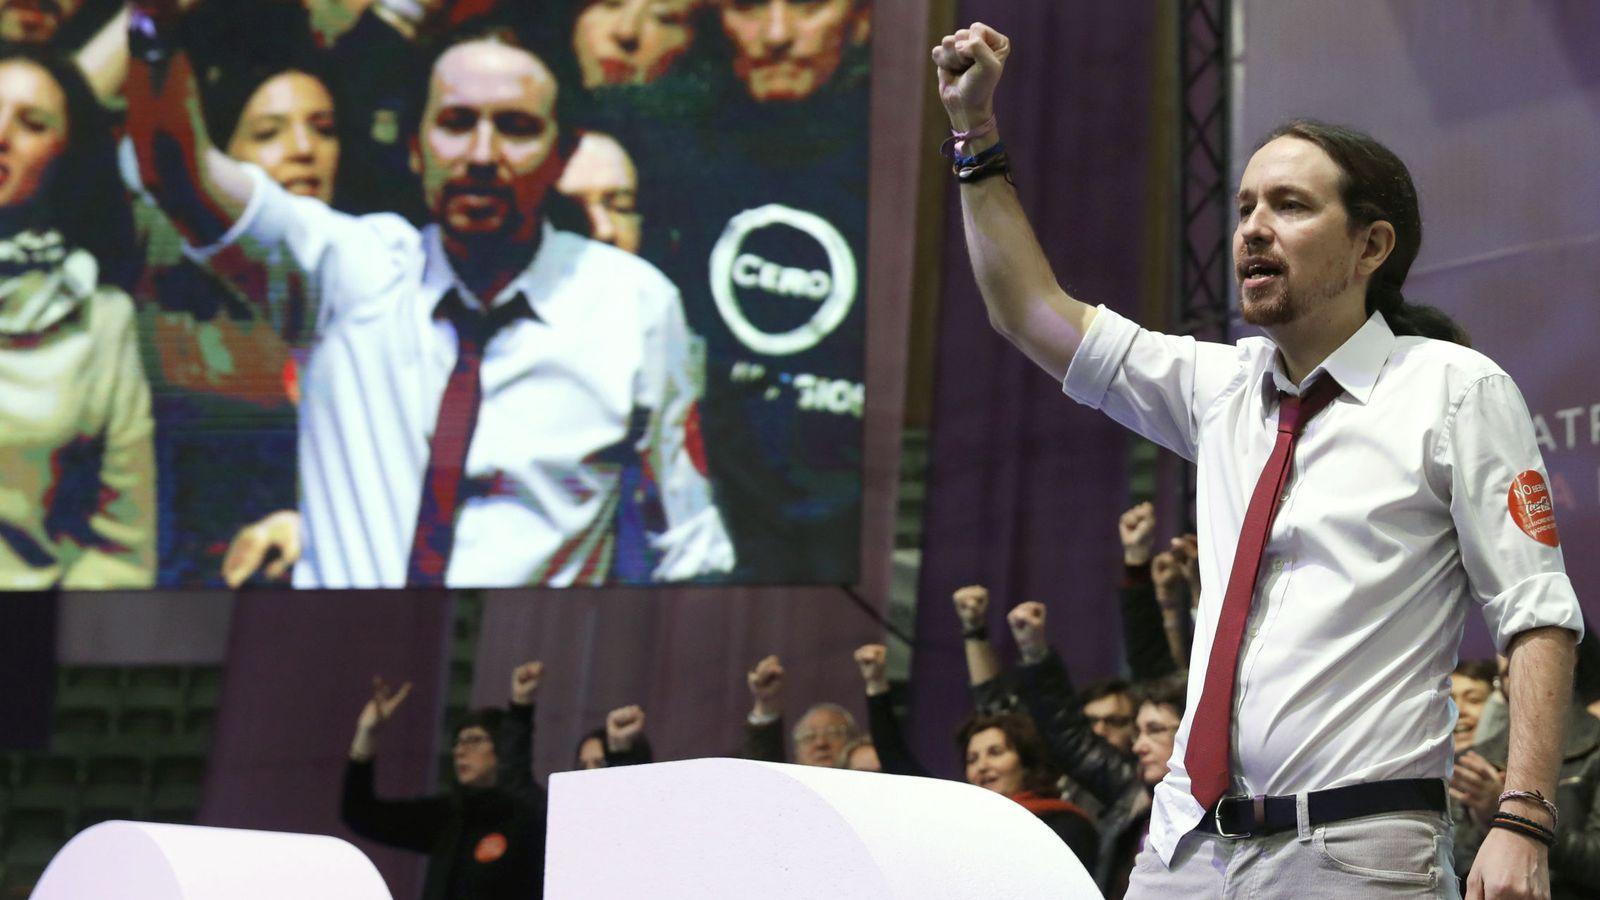 Foto: El líder de Podemos, Pablo Iglesias, durante la segunda jornada de la Asamblea Ciudadana Estatal de Vistalegre II. (EFE)